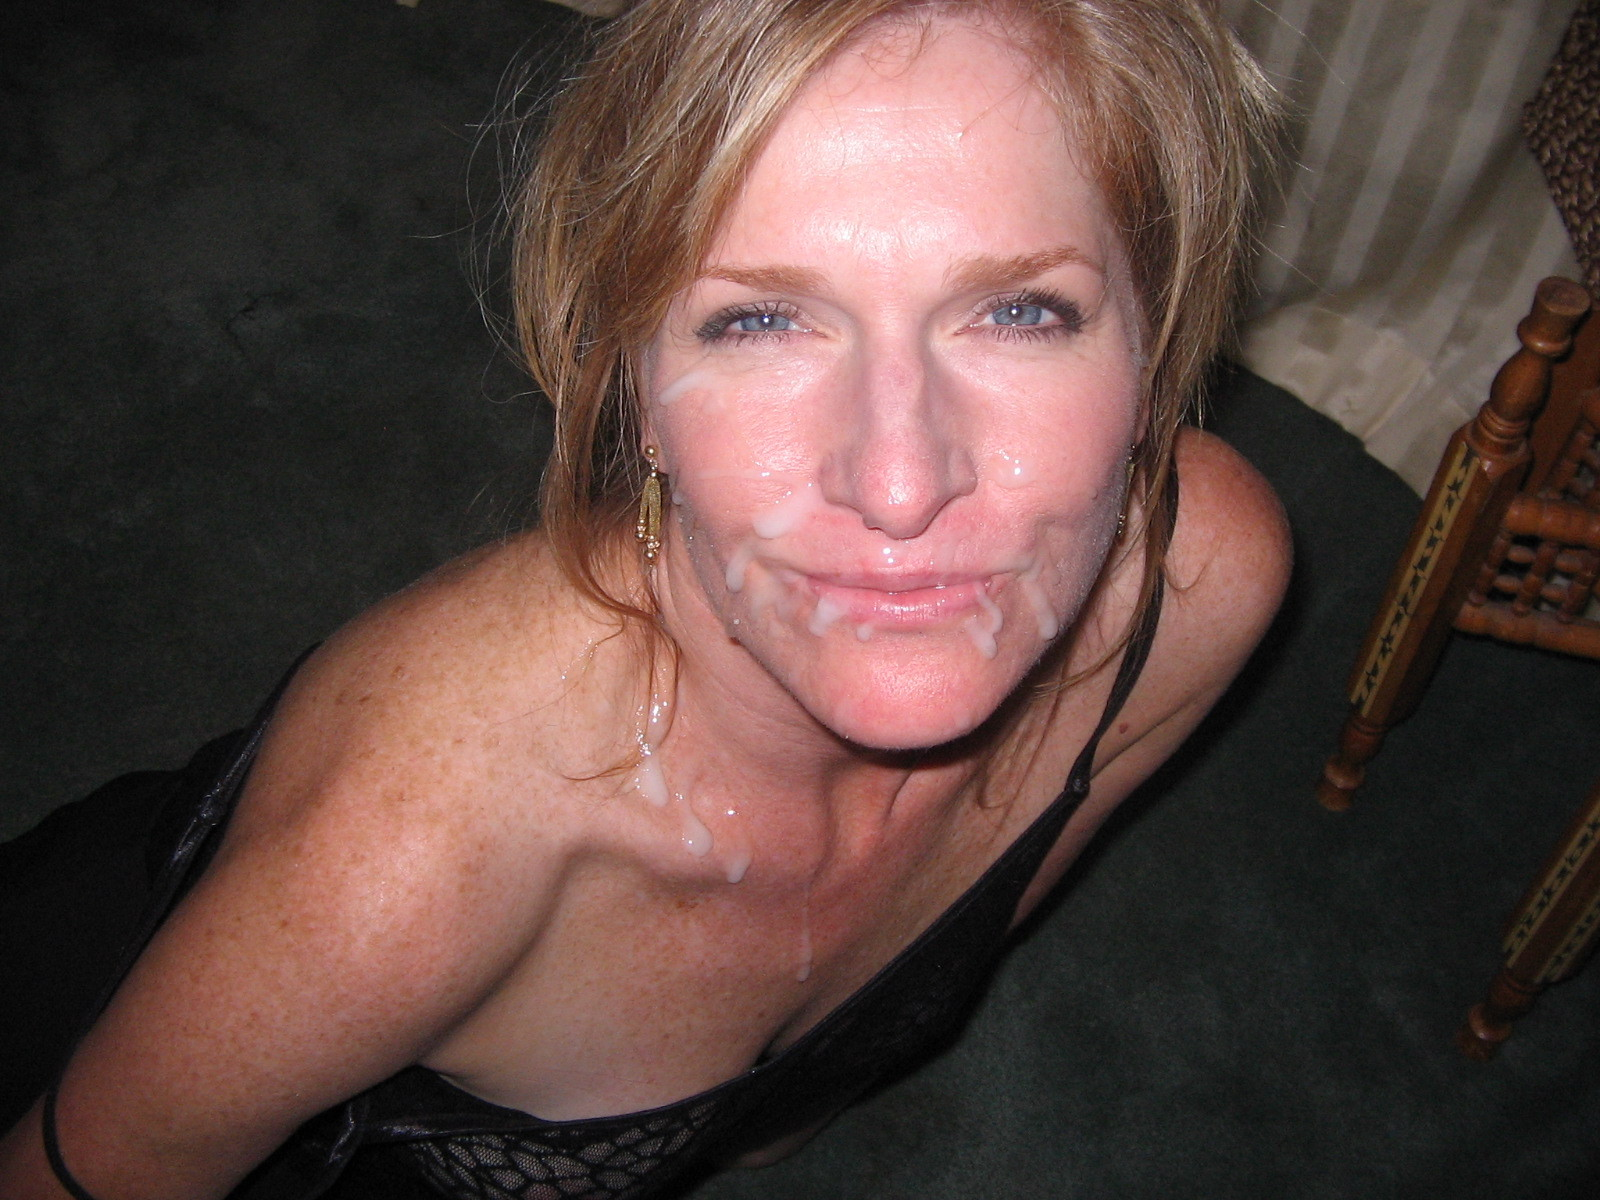 sexy faced moms